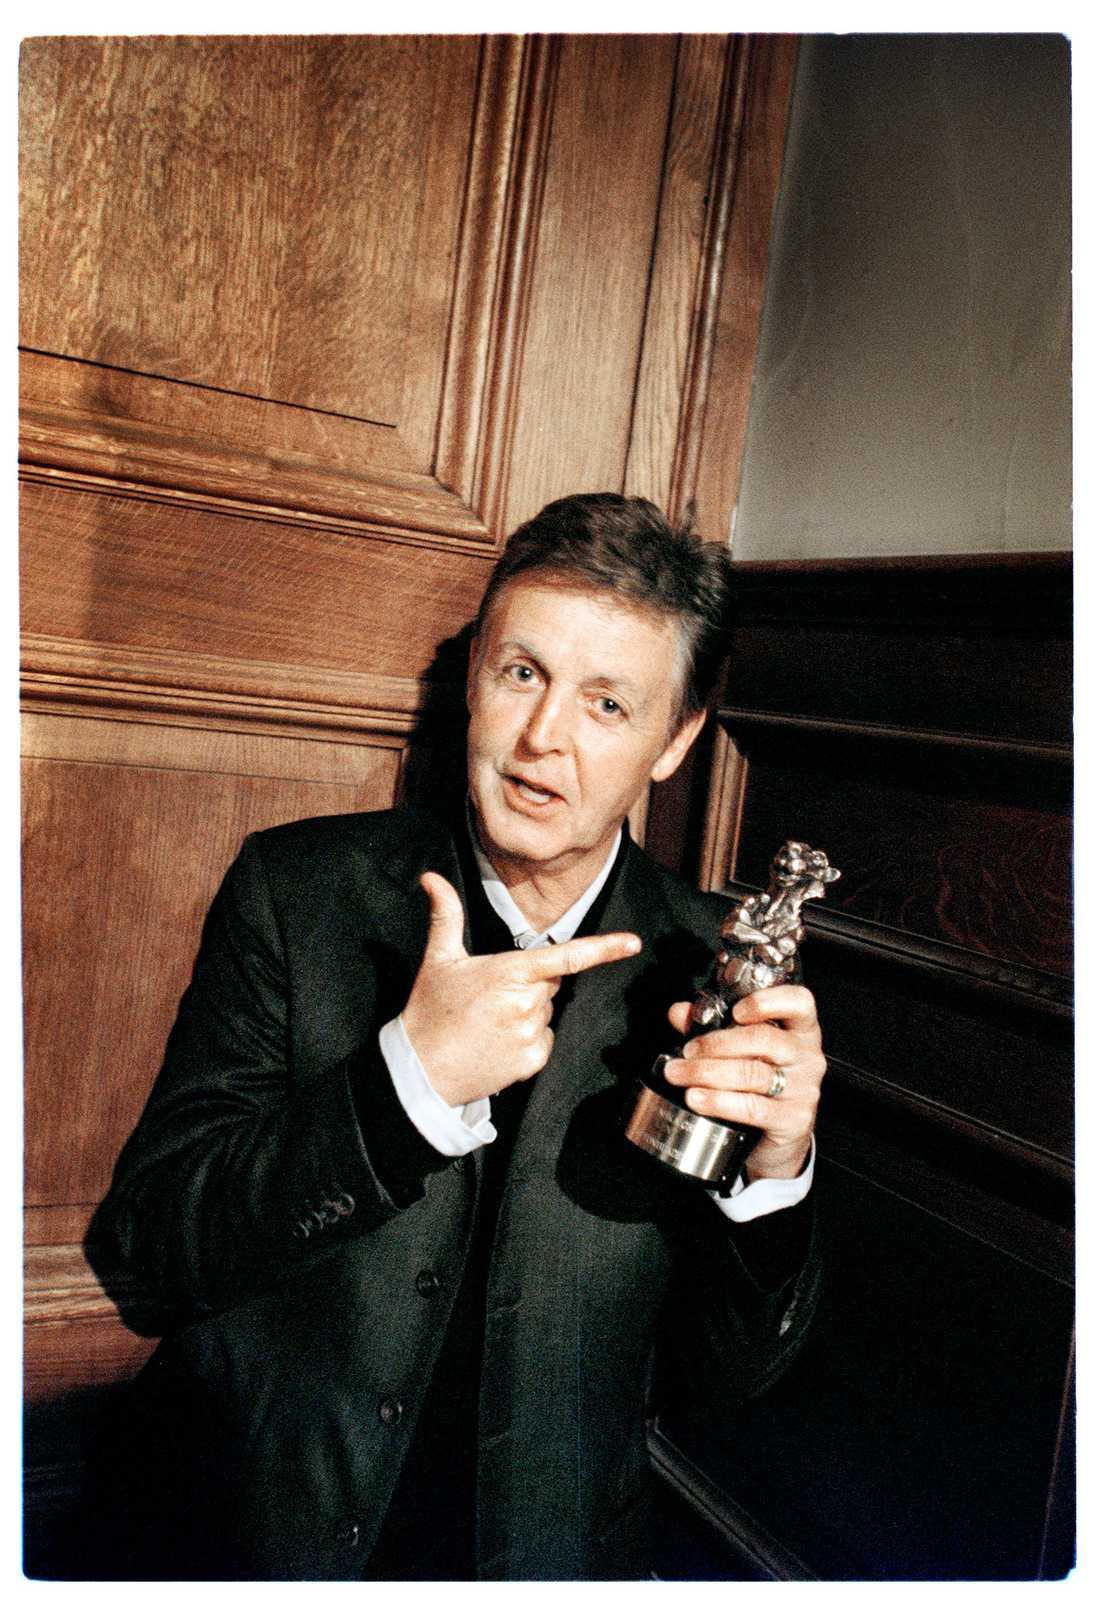 Paul McCartney 1999.